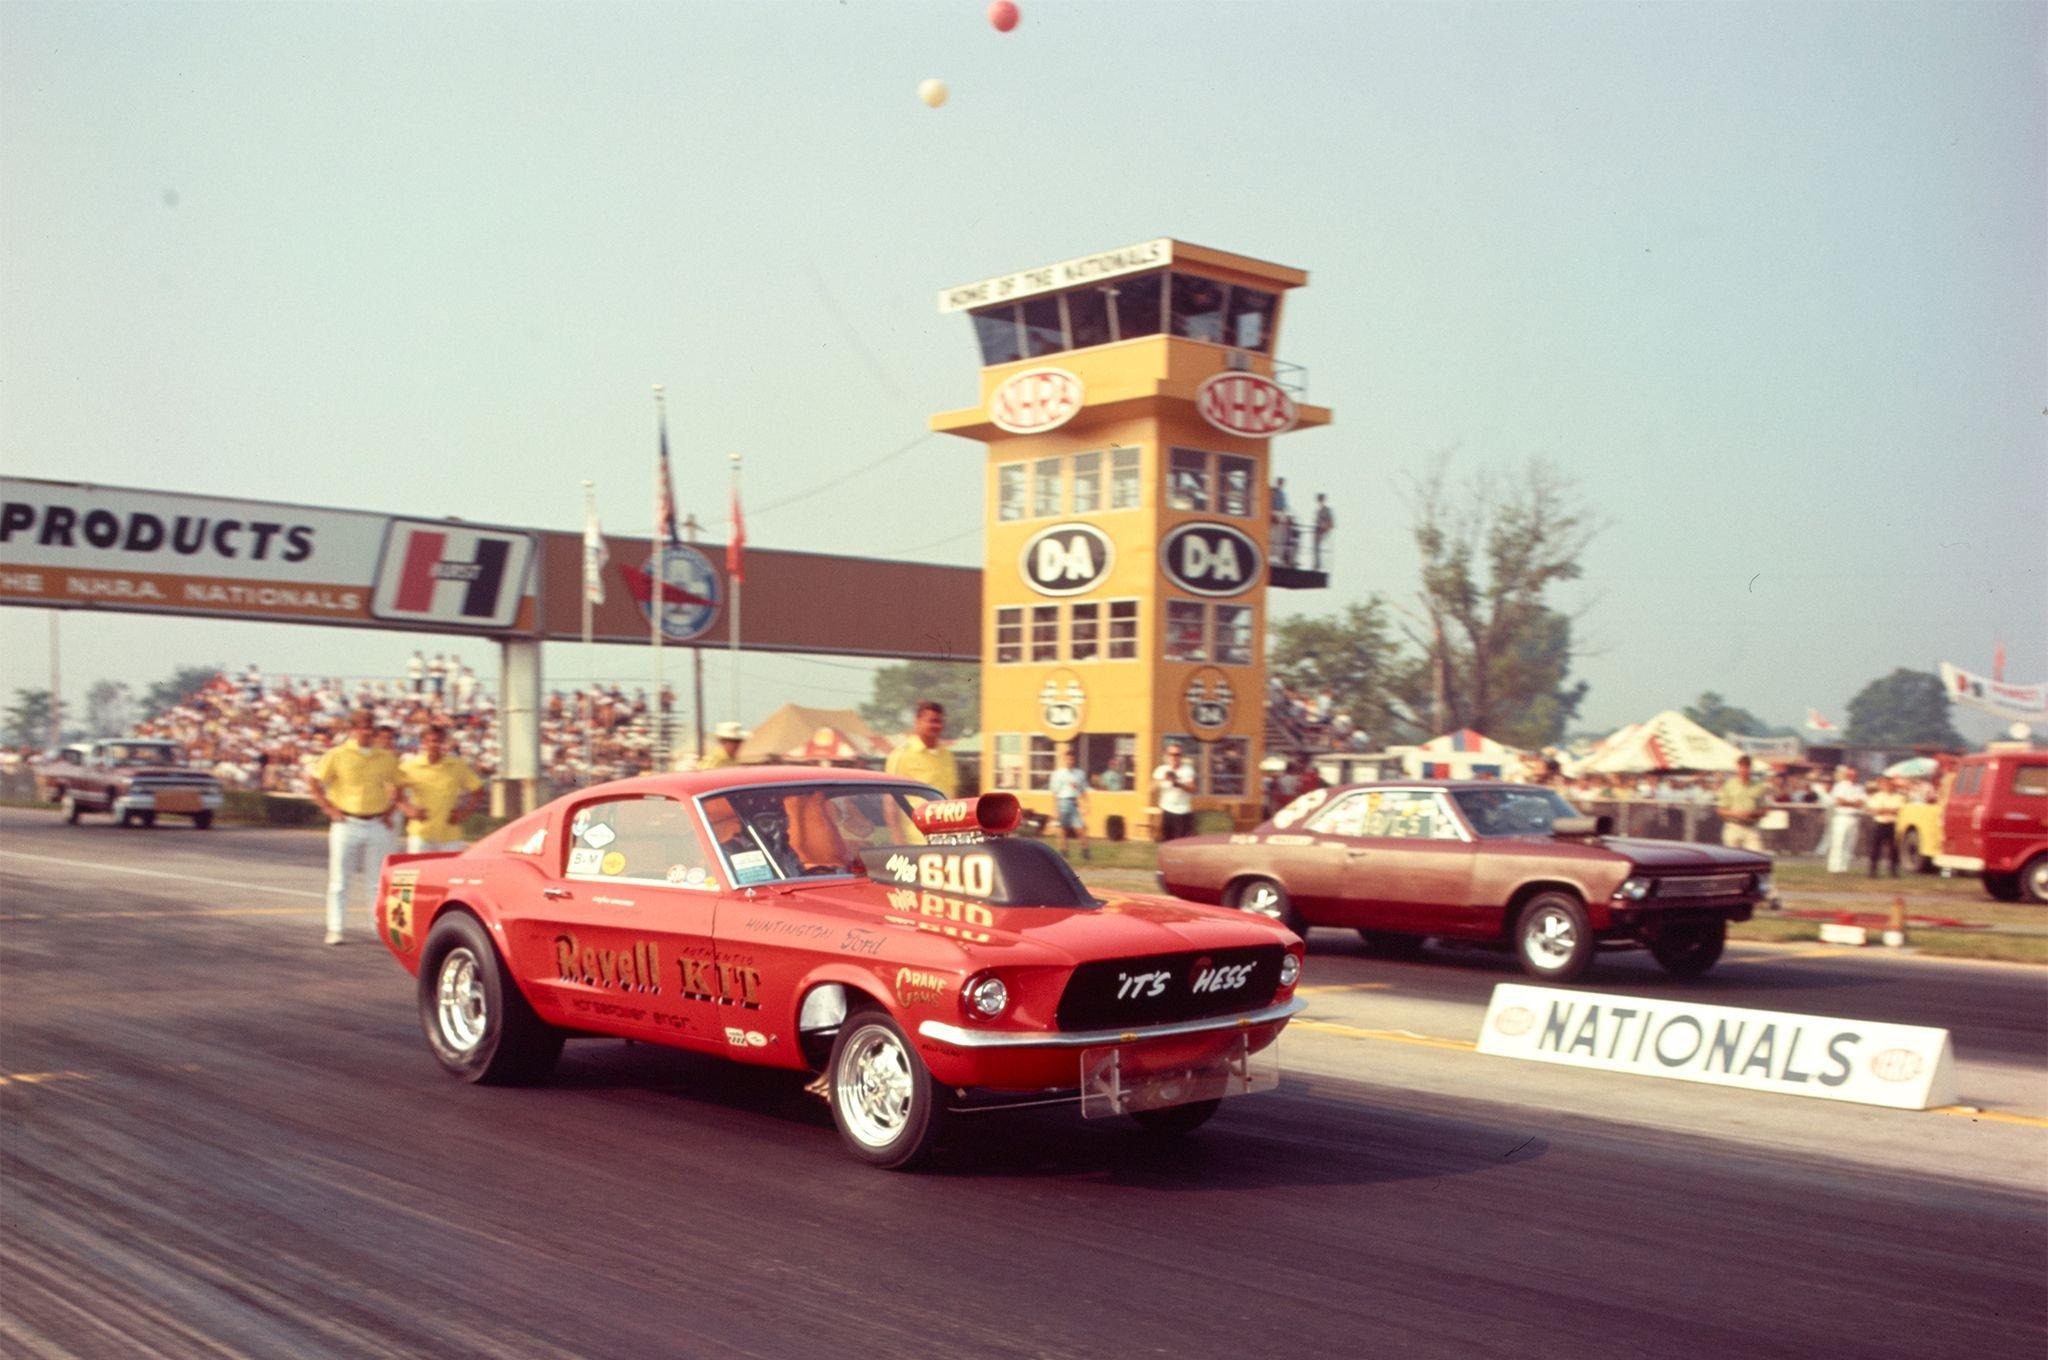 1968 Ford Mustang Drag Racer-01 wallpaper